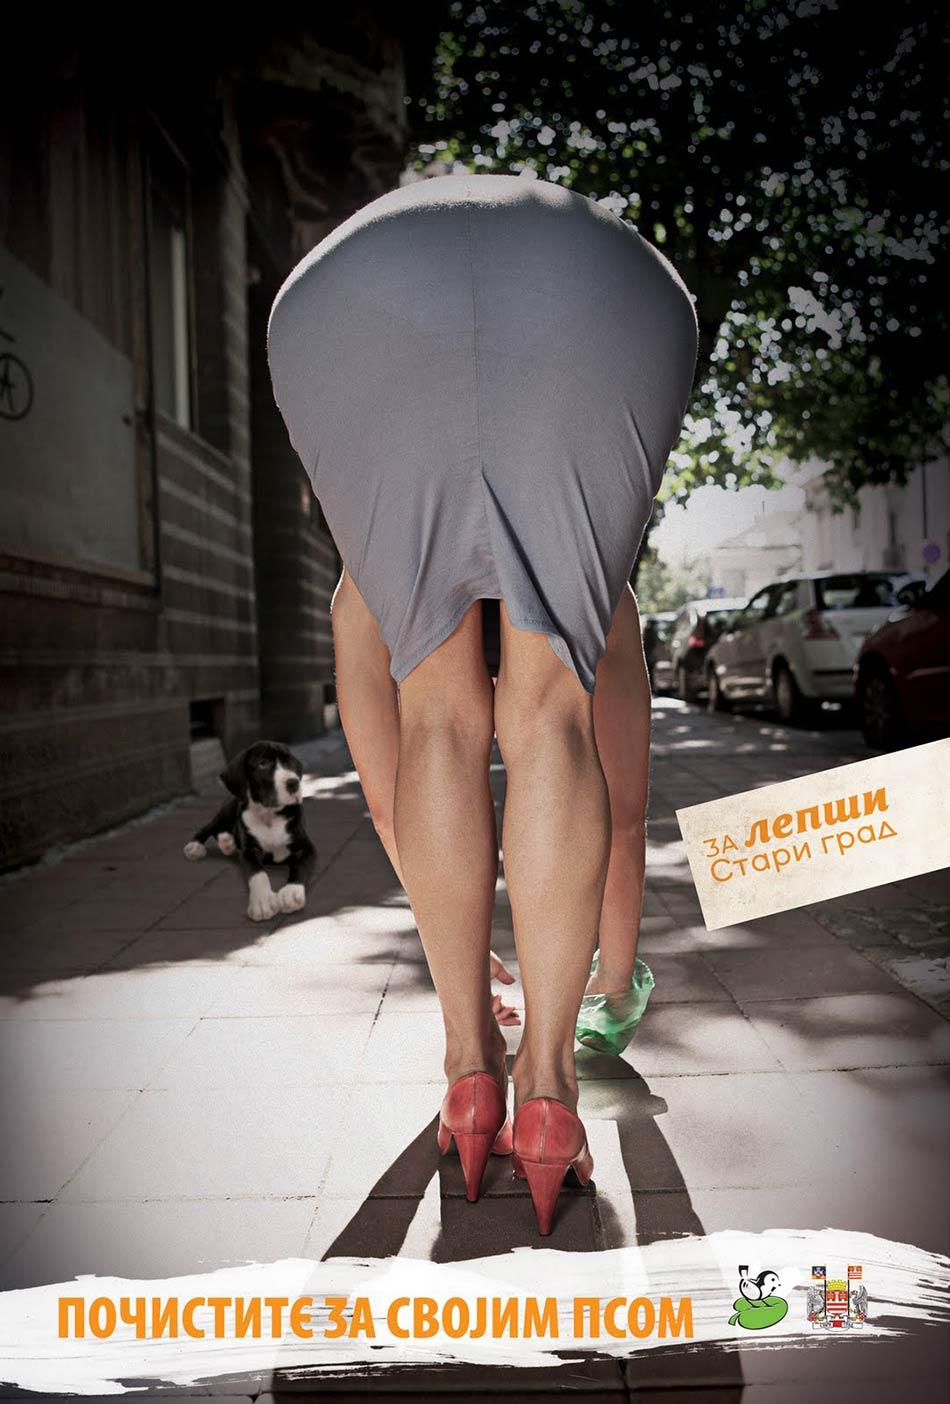 Sagnuta devojka u sivoj suknji čisti: reklamiranje Starog grada Beograda